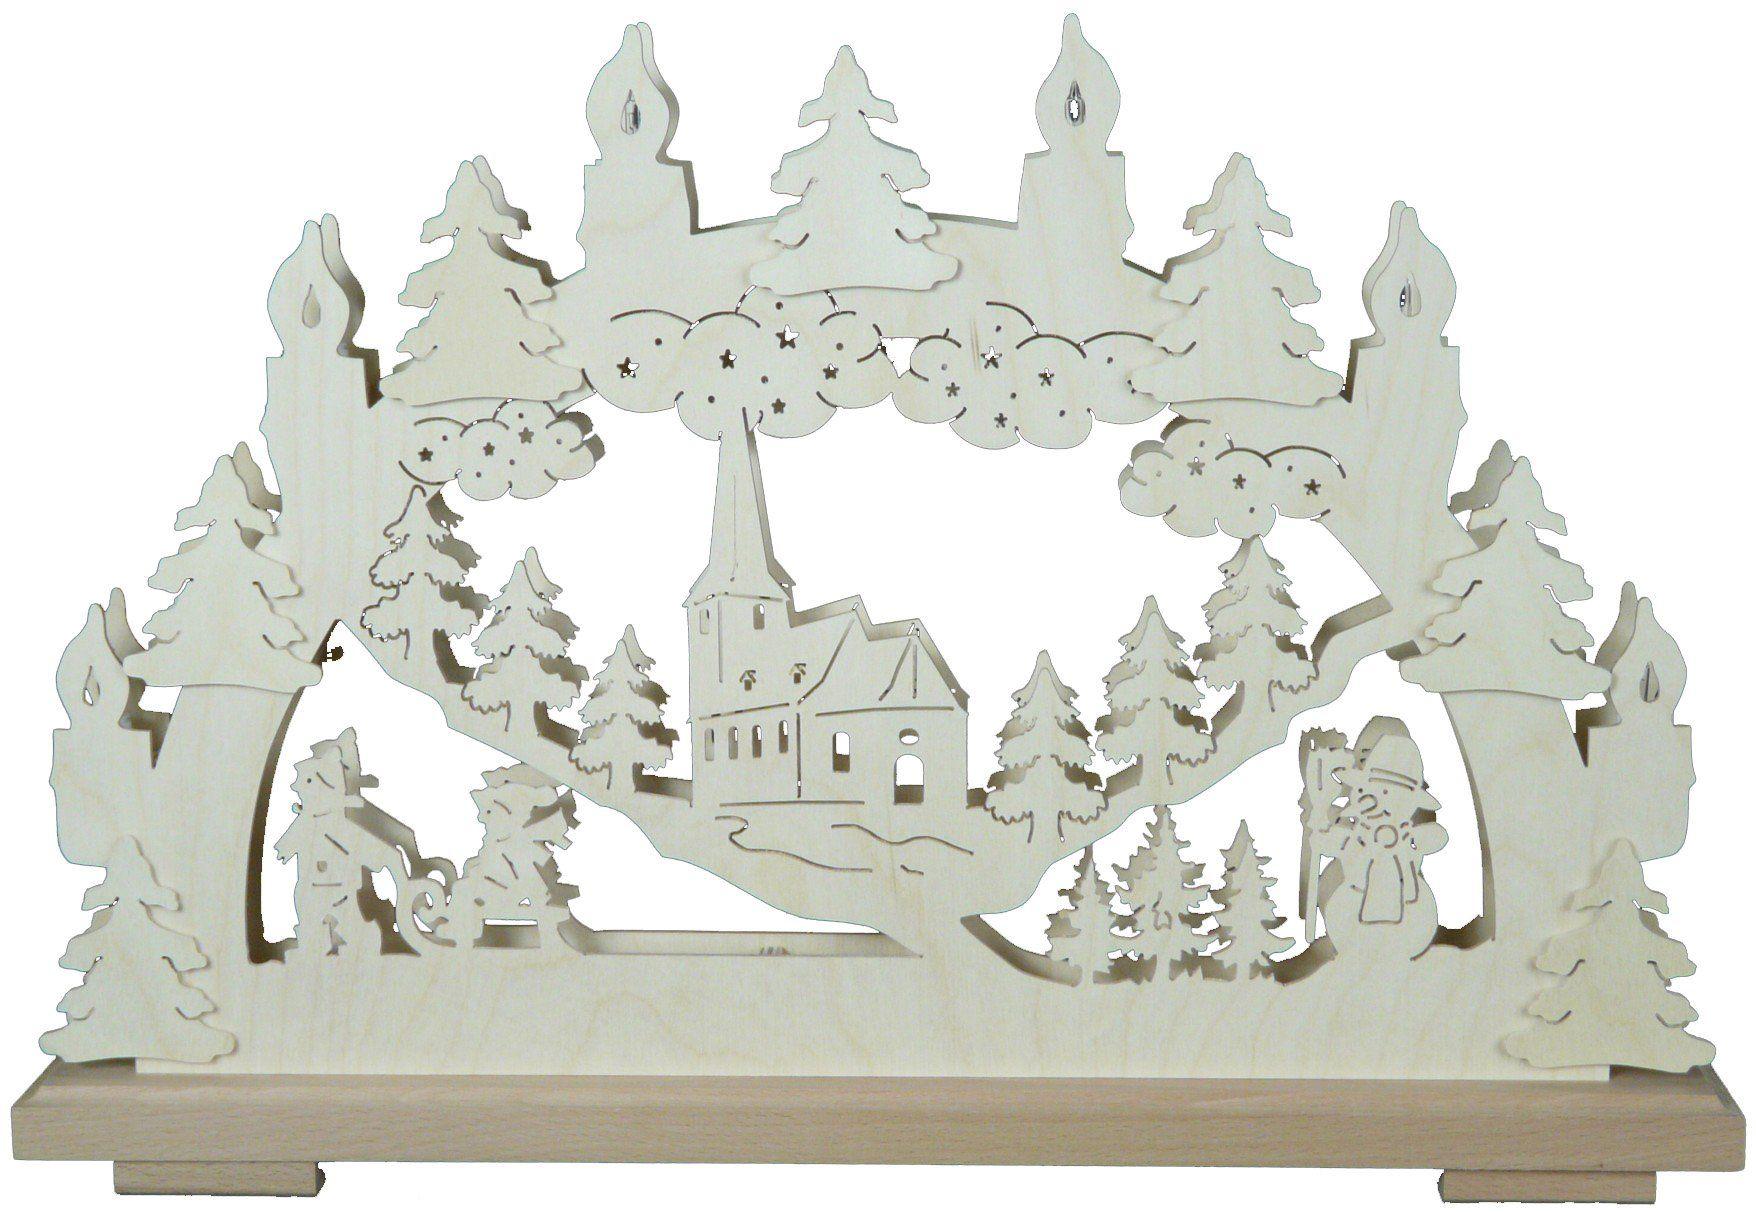 SchwibboLa SB 1-123 Erzgebirgischer podwójnie podświetlany świecznik łukowy z certyfikatem SB 1-123, 50 x 30 cm